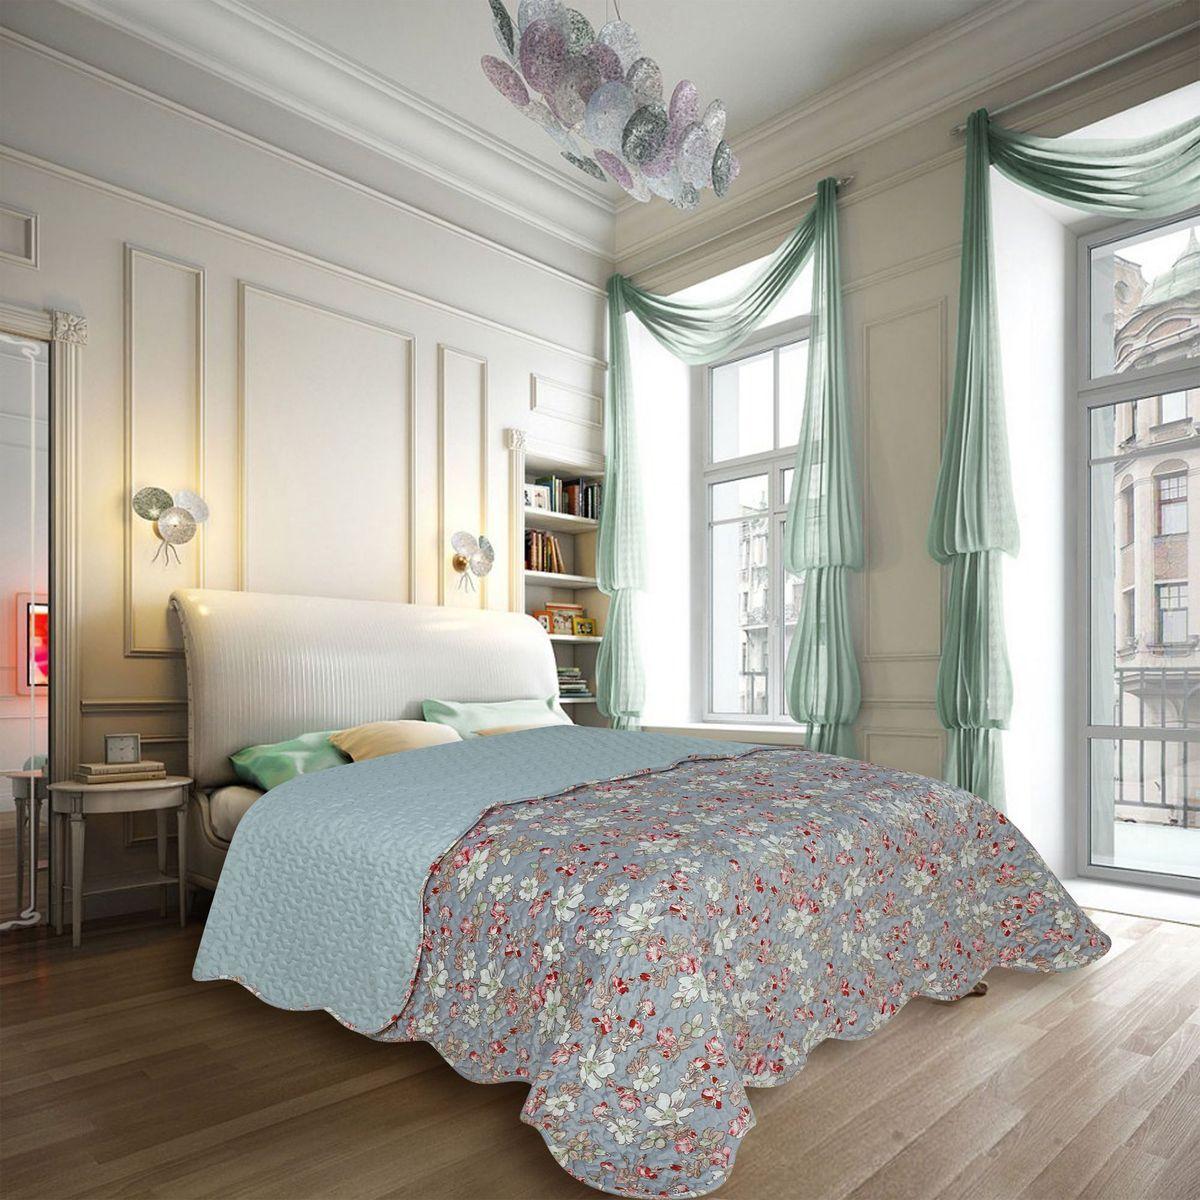 Покрывало Amore Mio Decor, 220 х 240 см85834Покрывало Amore Mio Decor выполнено в в элегантном городском стиле, изысканные цветы на фоне тального серого орнамента, украсит любую спальню.